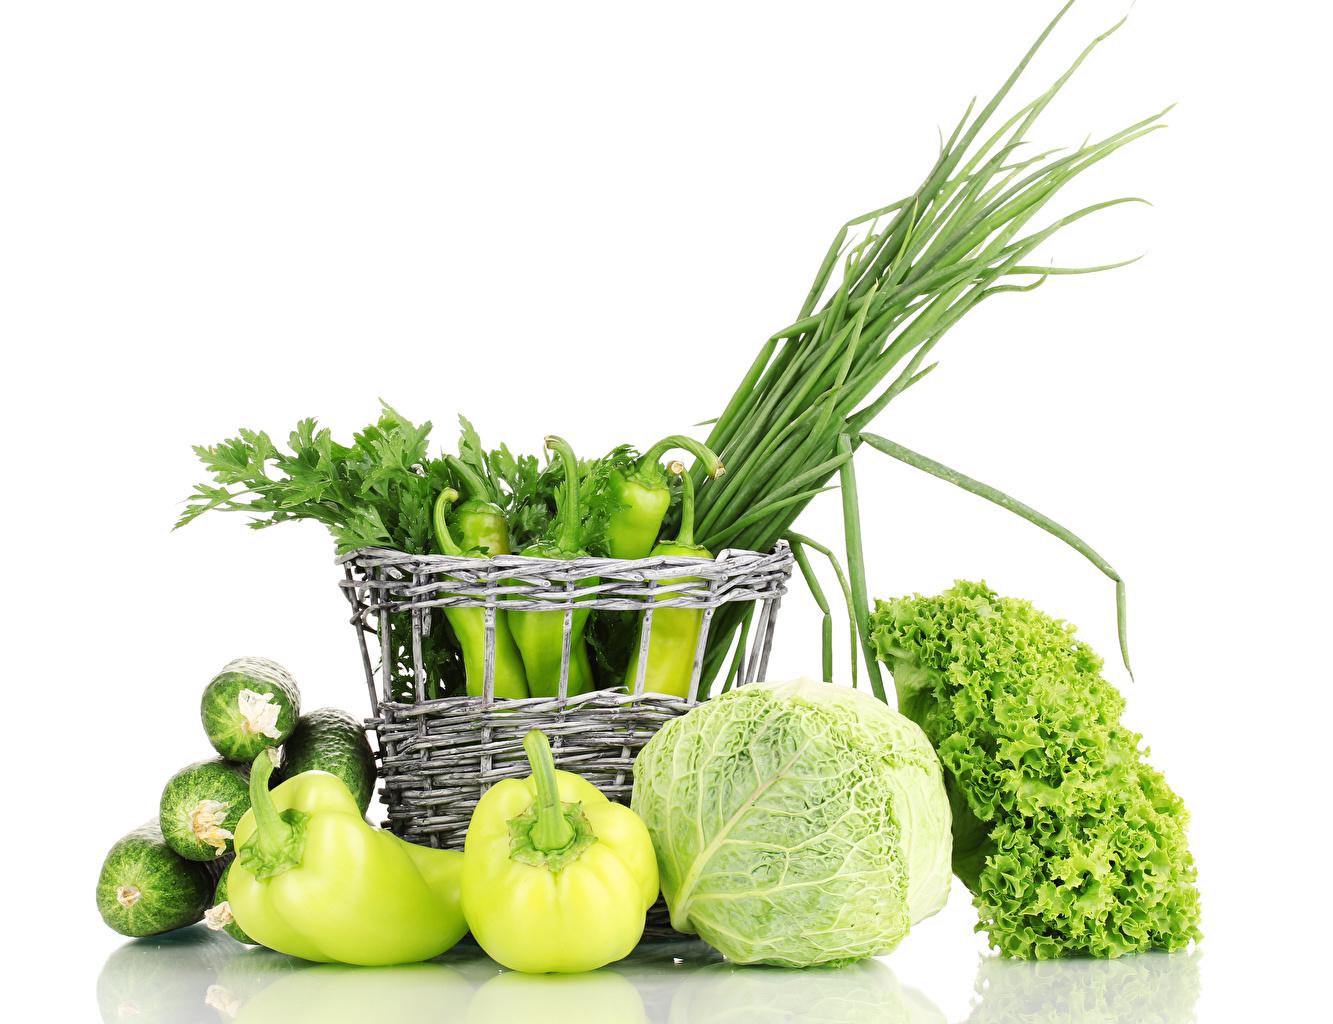 Bilder Kohl Grün Gurke Weidenkorb Gemüse Paprika Lebensmittel Weißer hintergrund das Essen